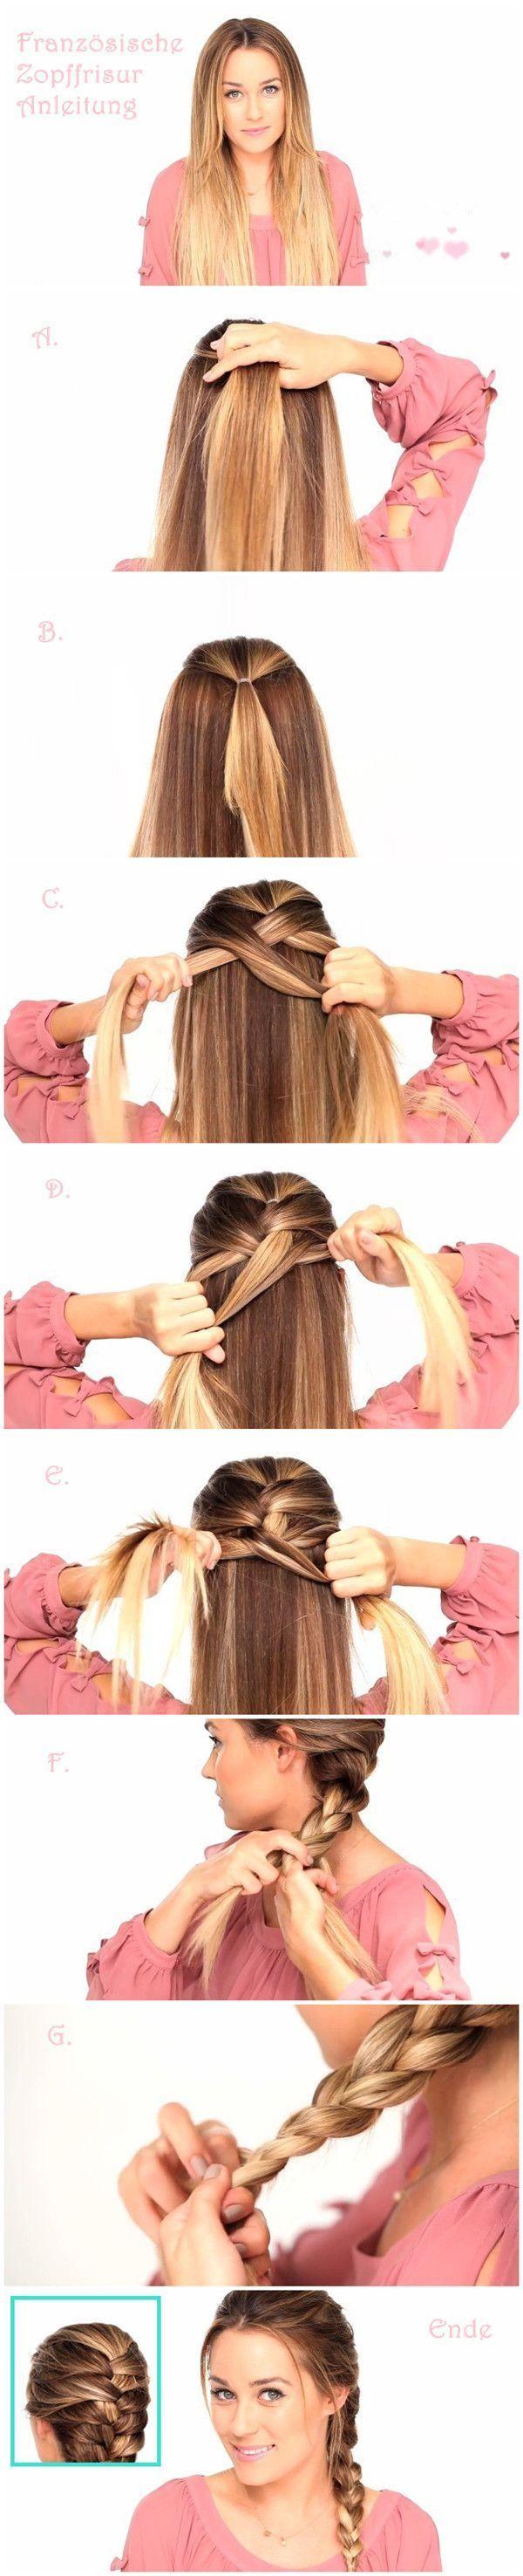 Lauren Conrad teach how to do French braid hair tutorial